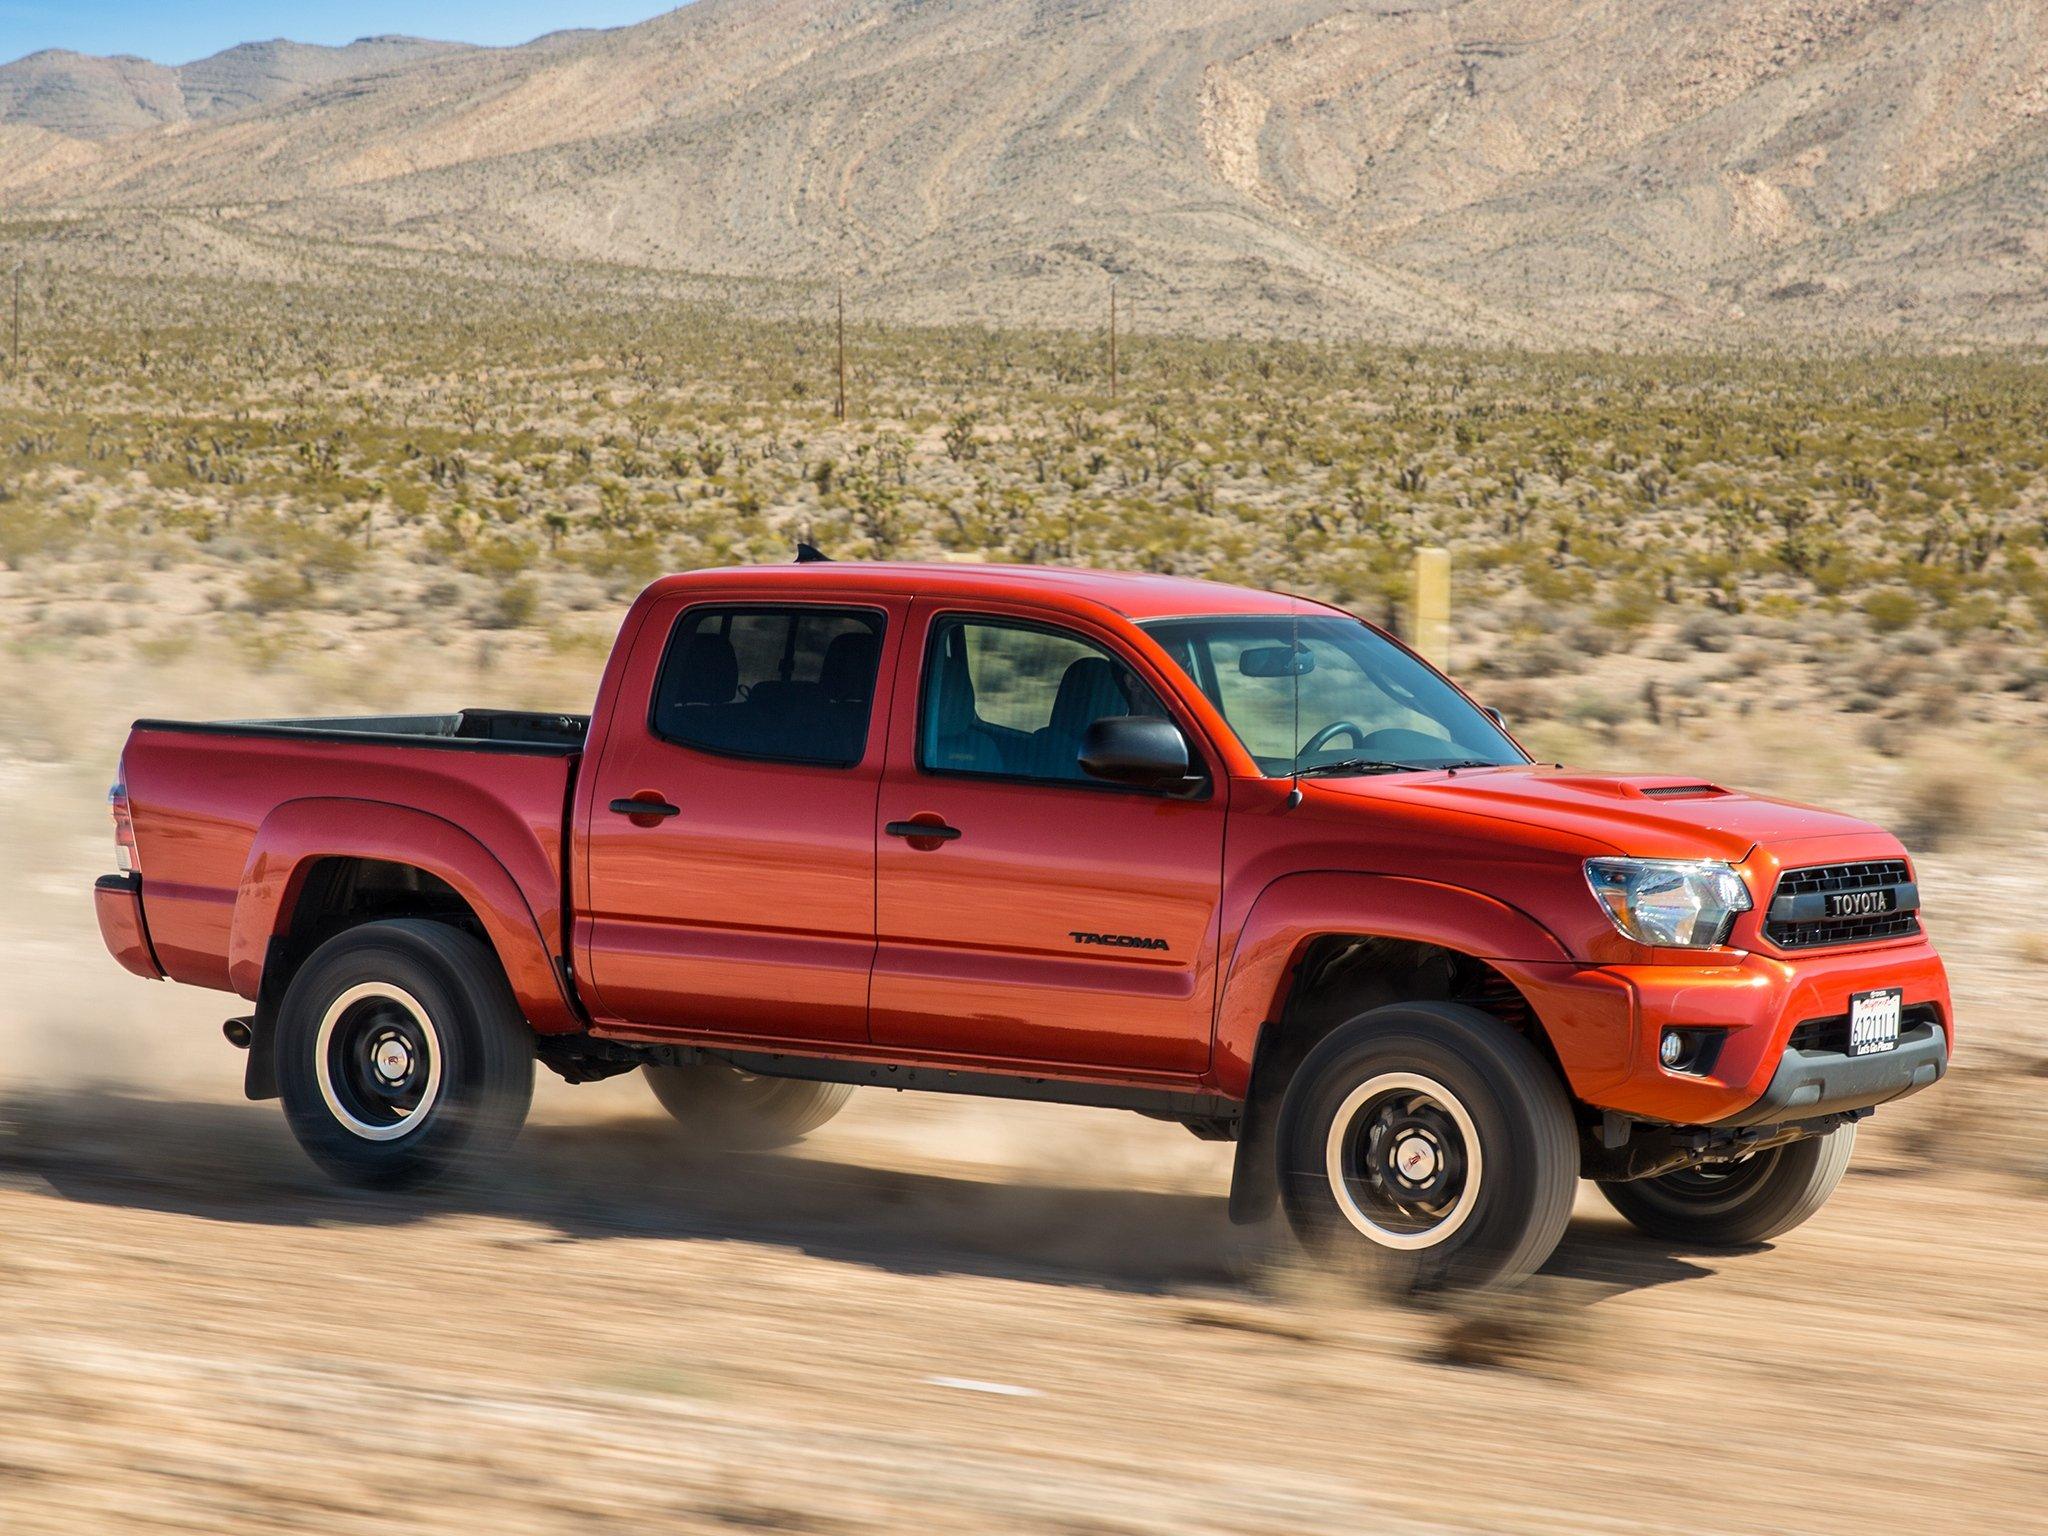 2015 Toyota Tacoma TRD Pro pickup e wallpaper 2048x1536 351037 2048x1536